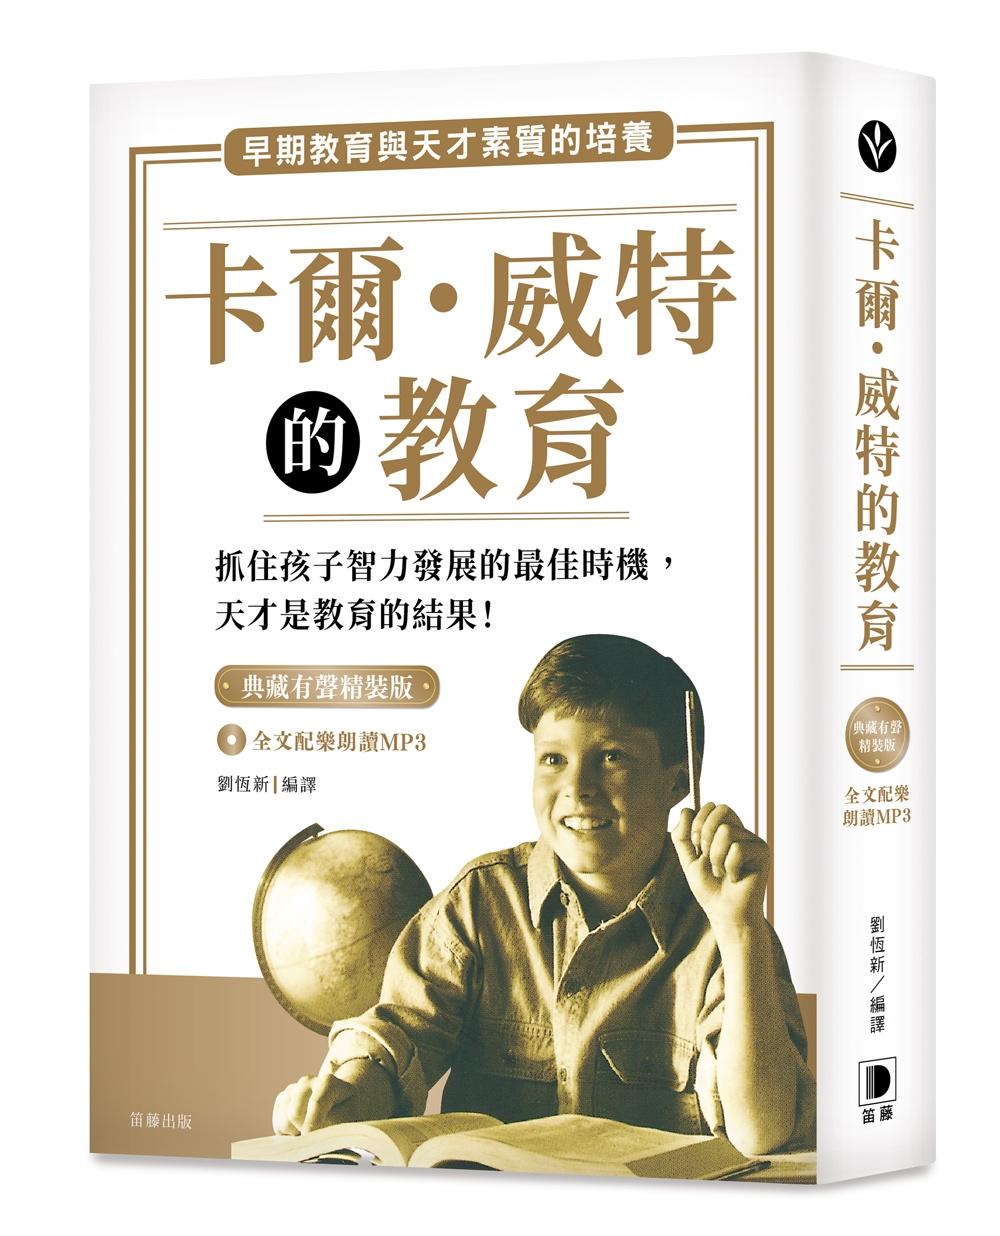 卡爾.威特的教育 典藏有聲精裝版(全文配樂朗讀MP3):早期教育與天才素質的培養【二版】